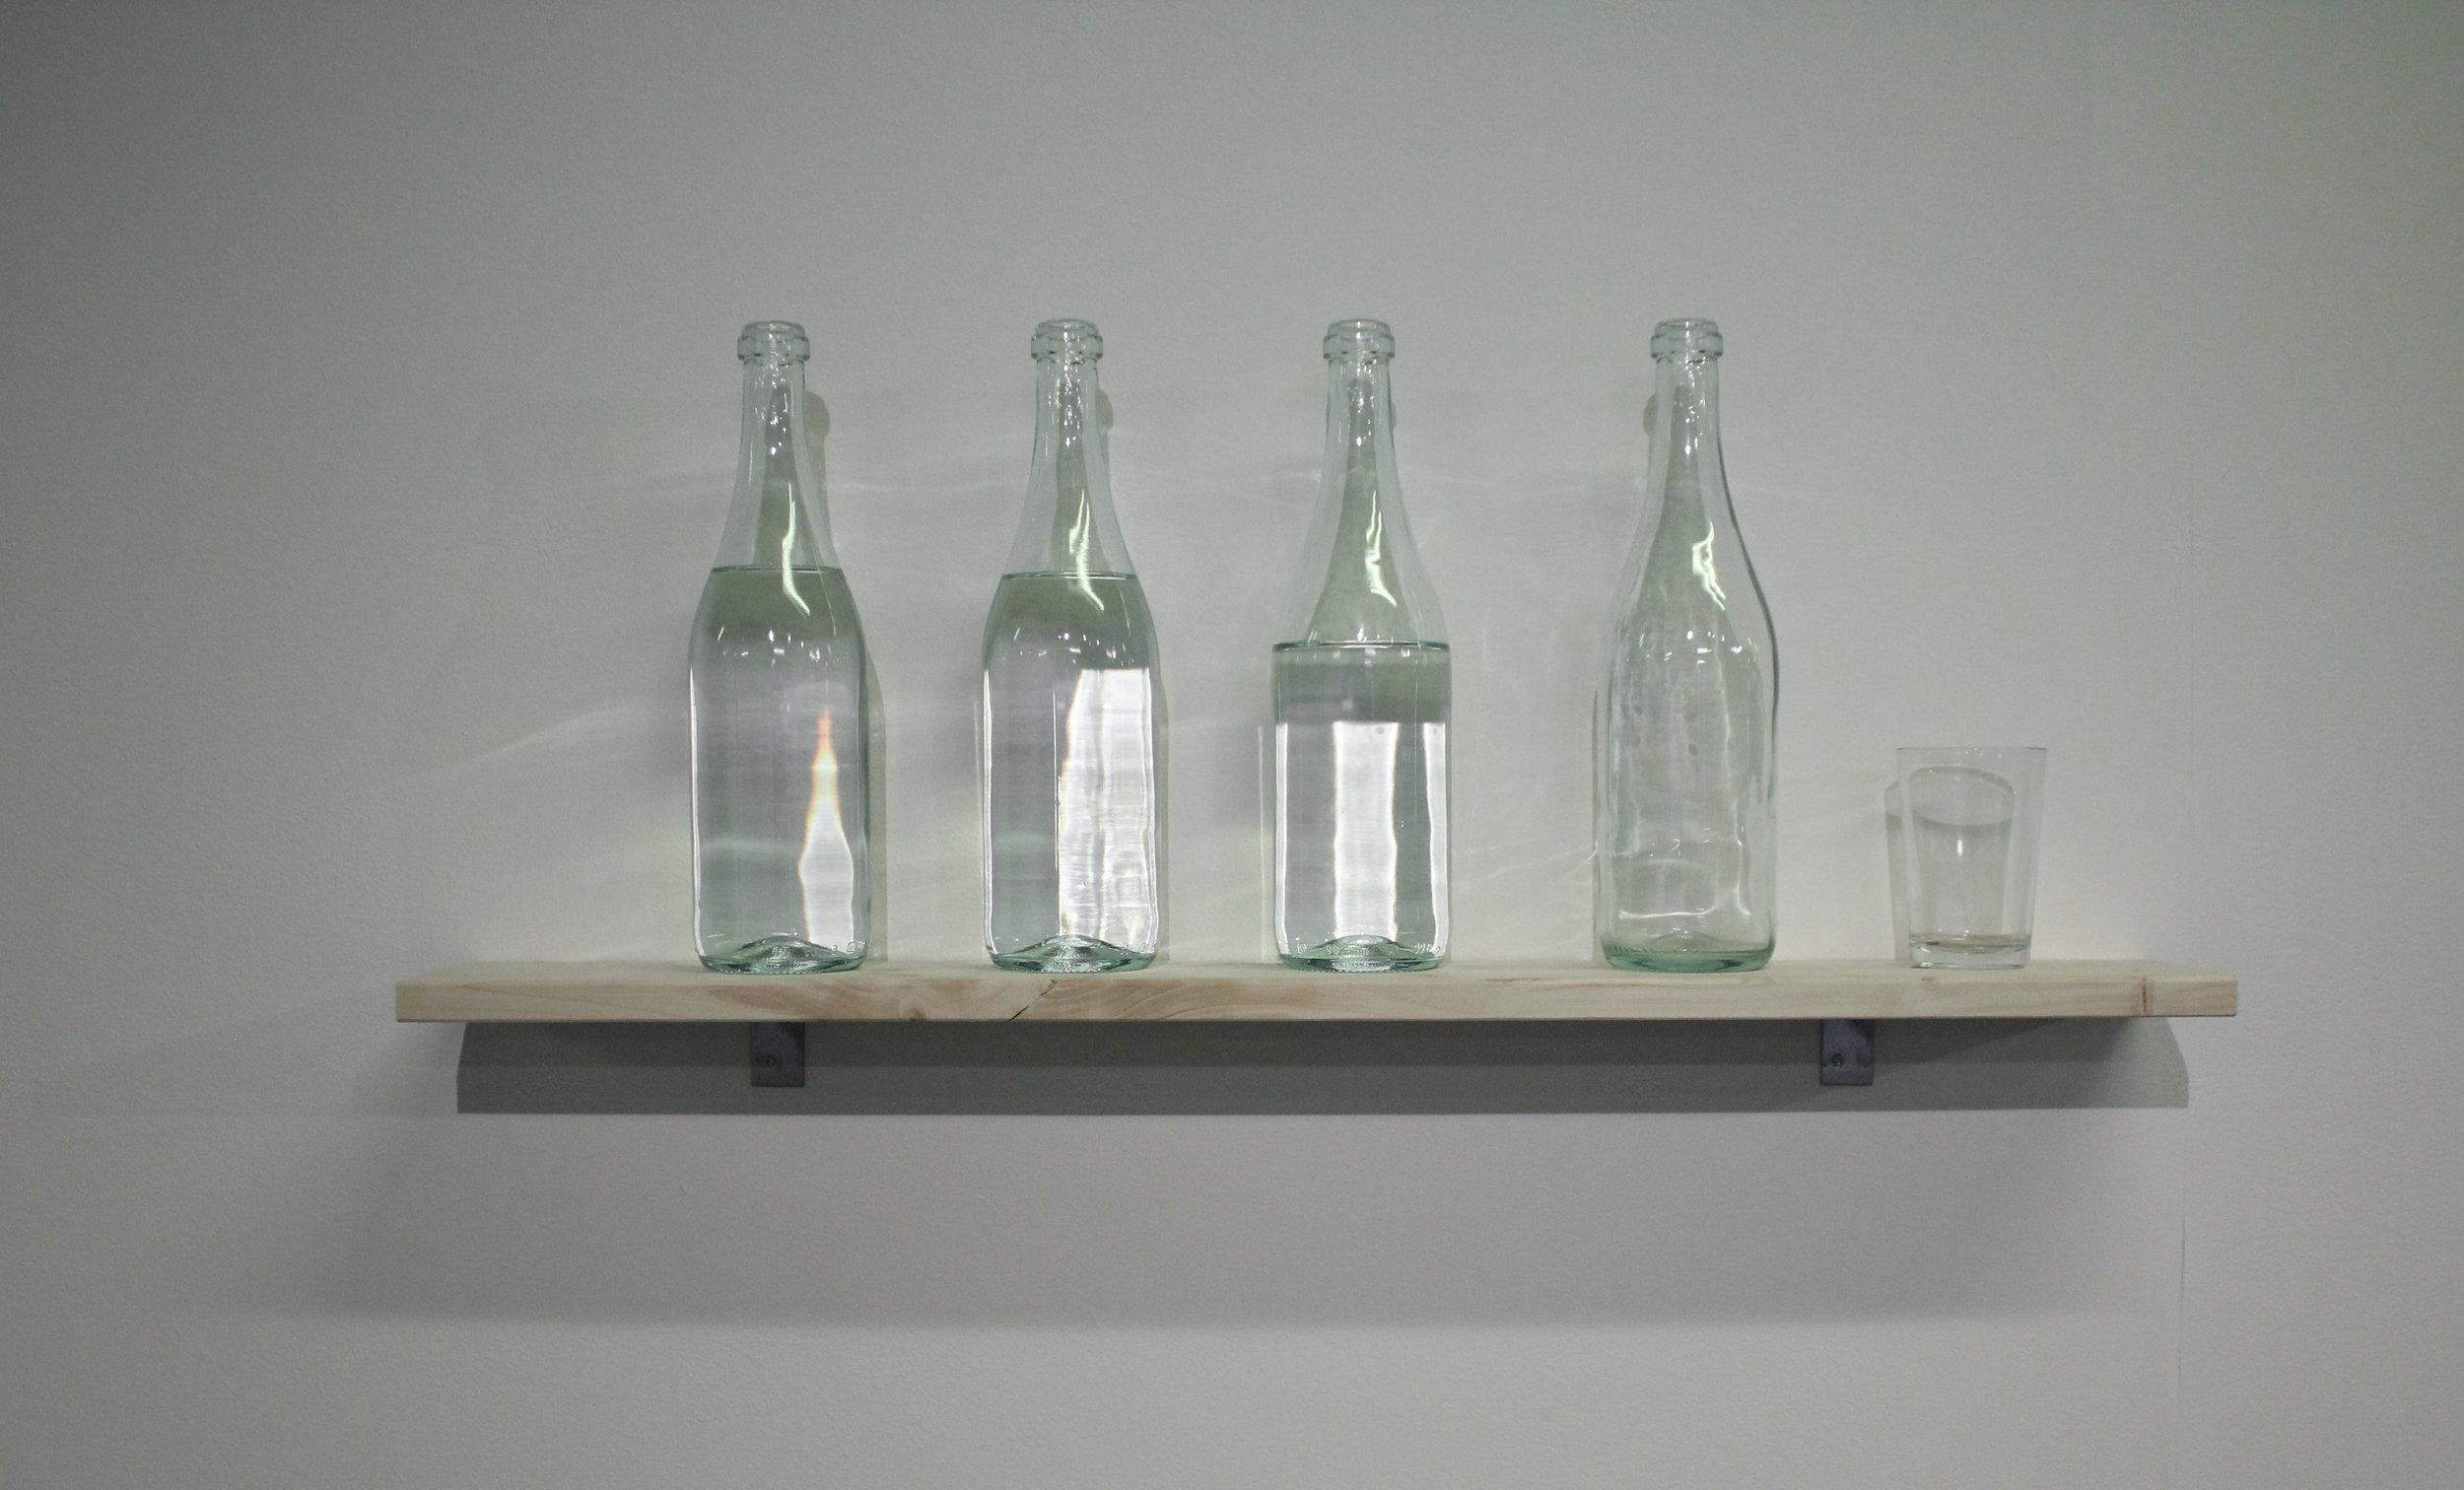 Kusettaa  2017  lasipullot, vesilasi, vesi ja hylly